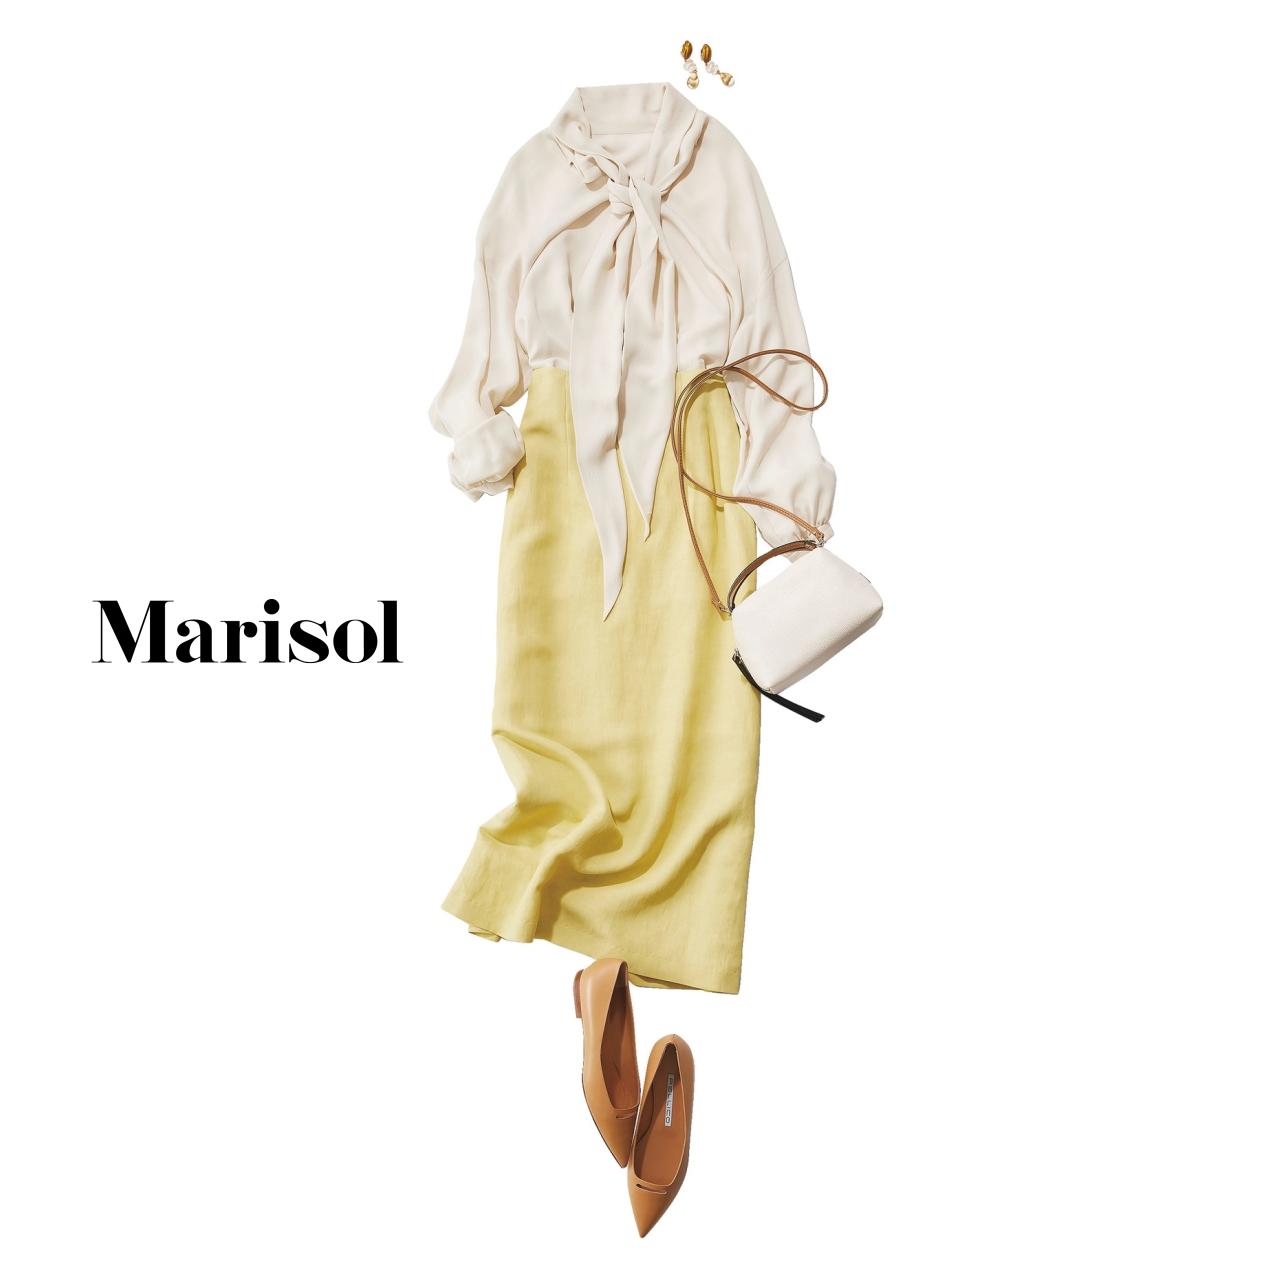 40代ファッション エレガントベージュブラウス×レモンイエロースカートコーデ